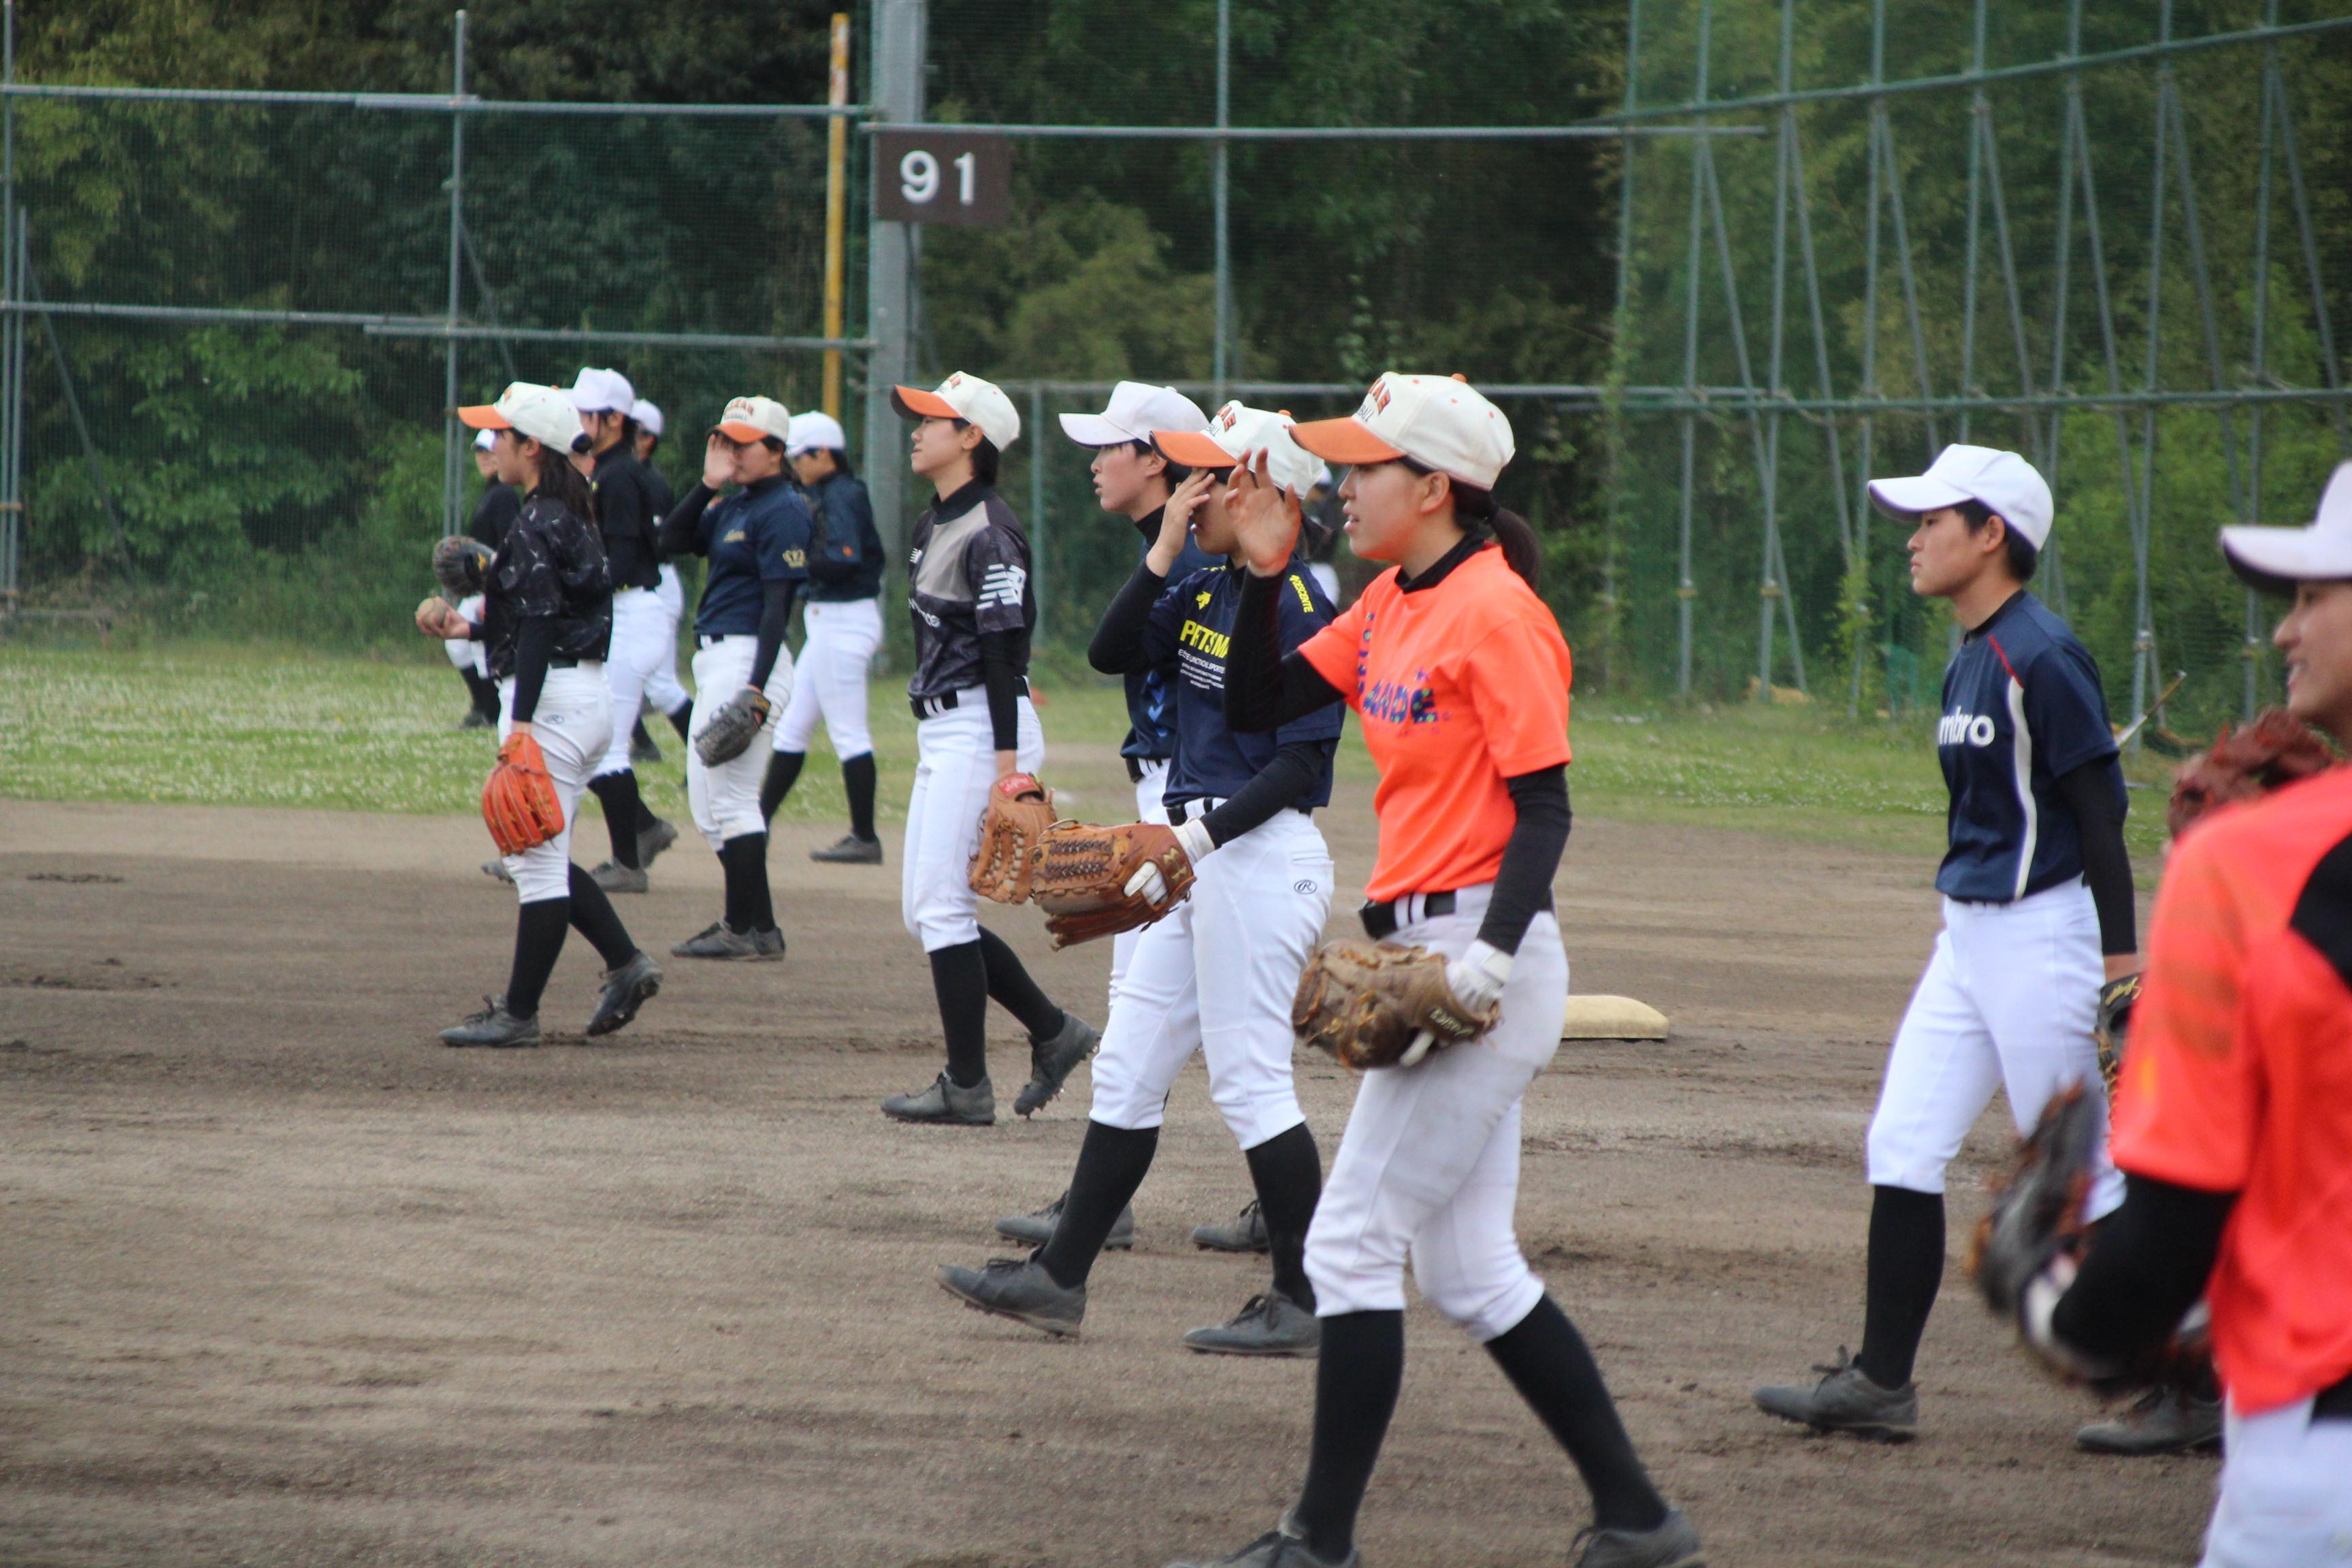 キャッチボールを行う埼玉栄女子野球部の選手たち